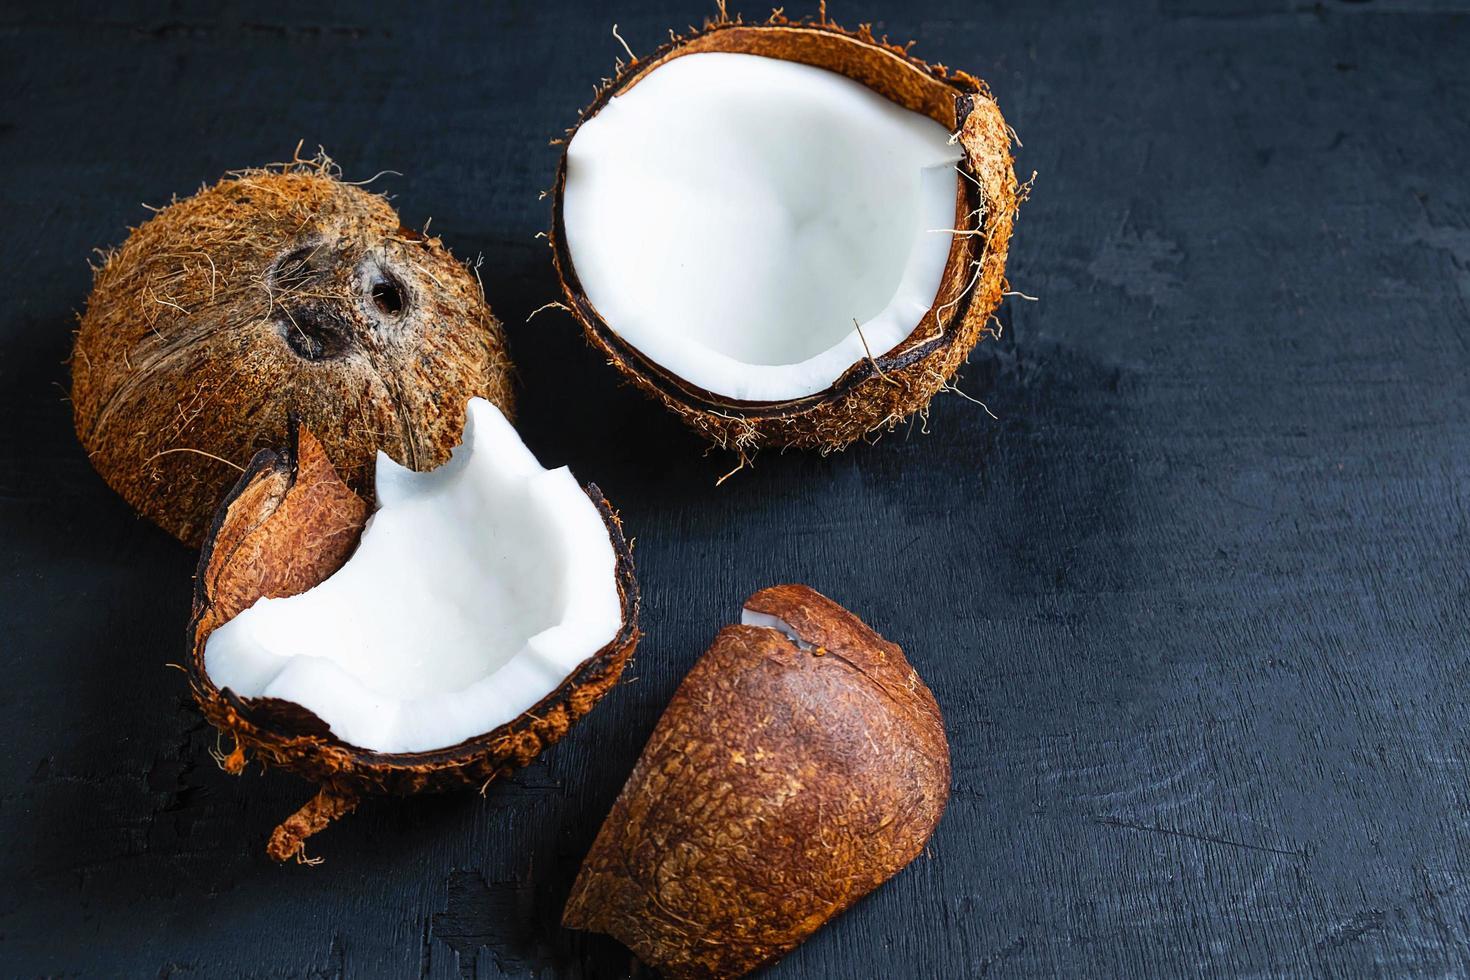 kokosnöt halverad på en svart bordsbakgrund foto